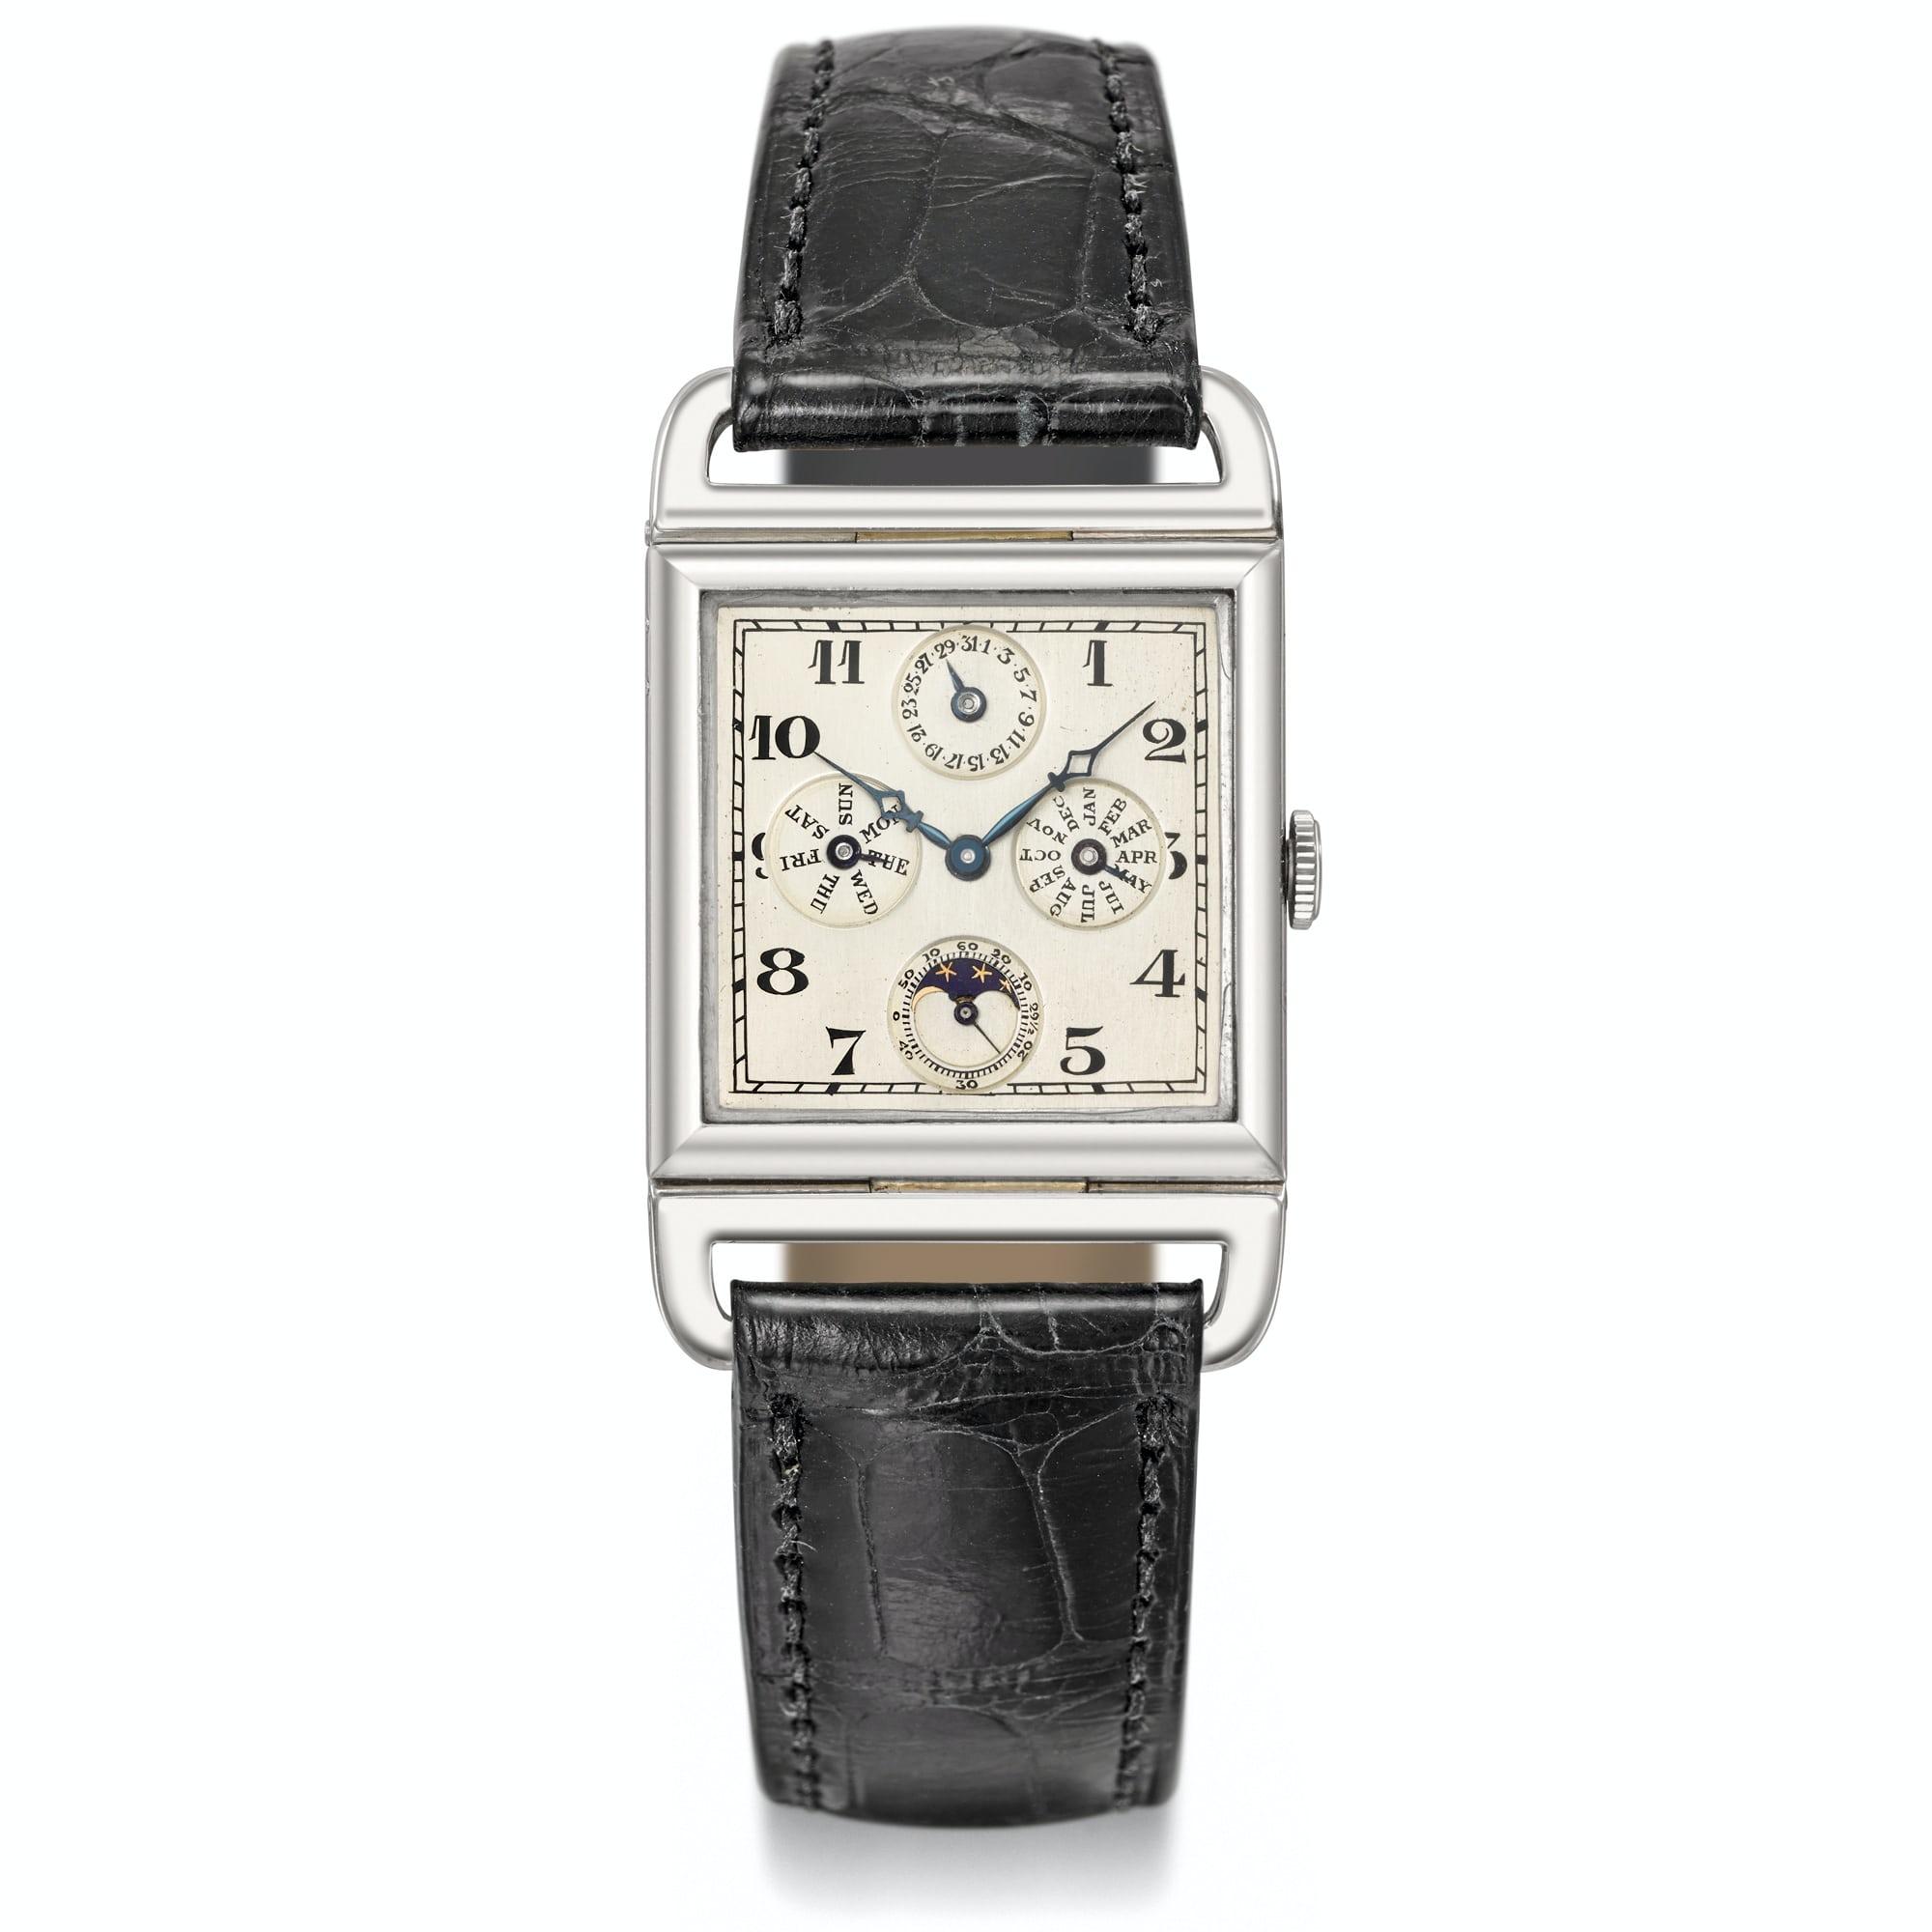 Hodinkee - Auction Report: Three Audemars Piguet Watches